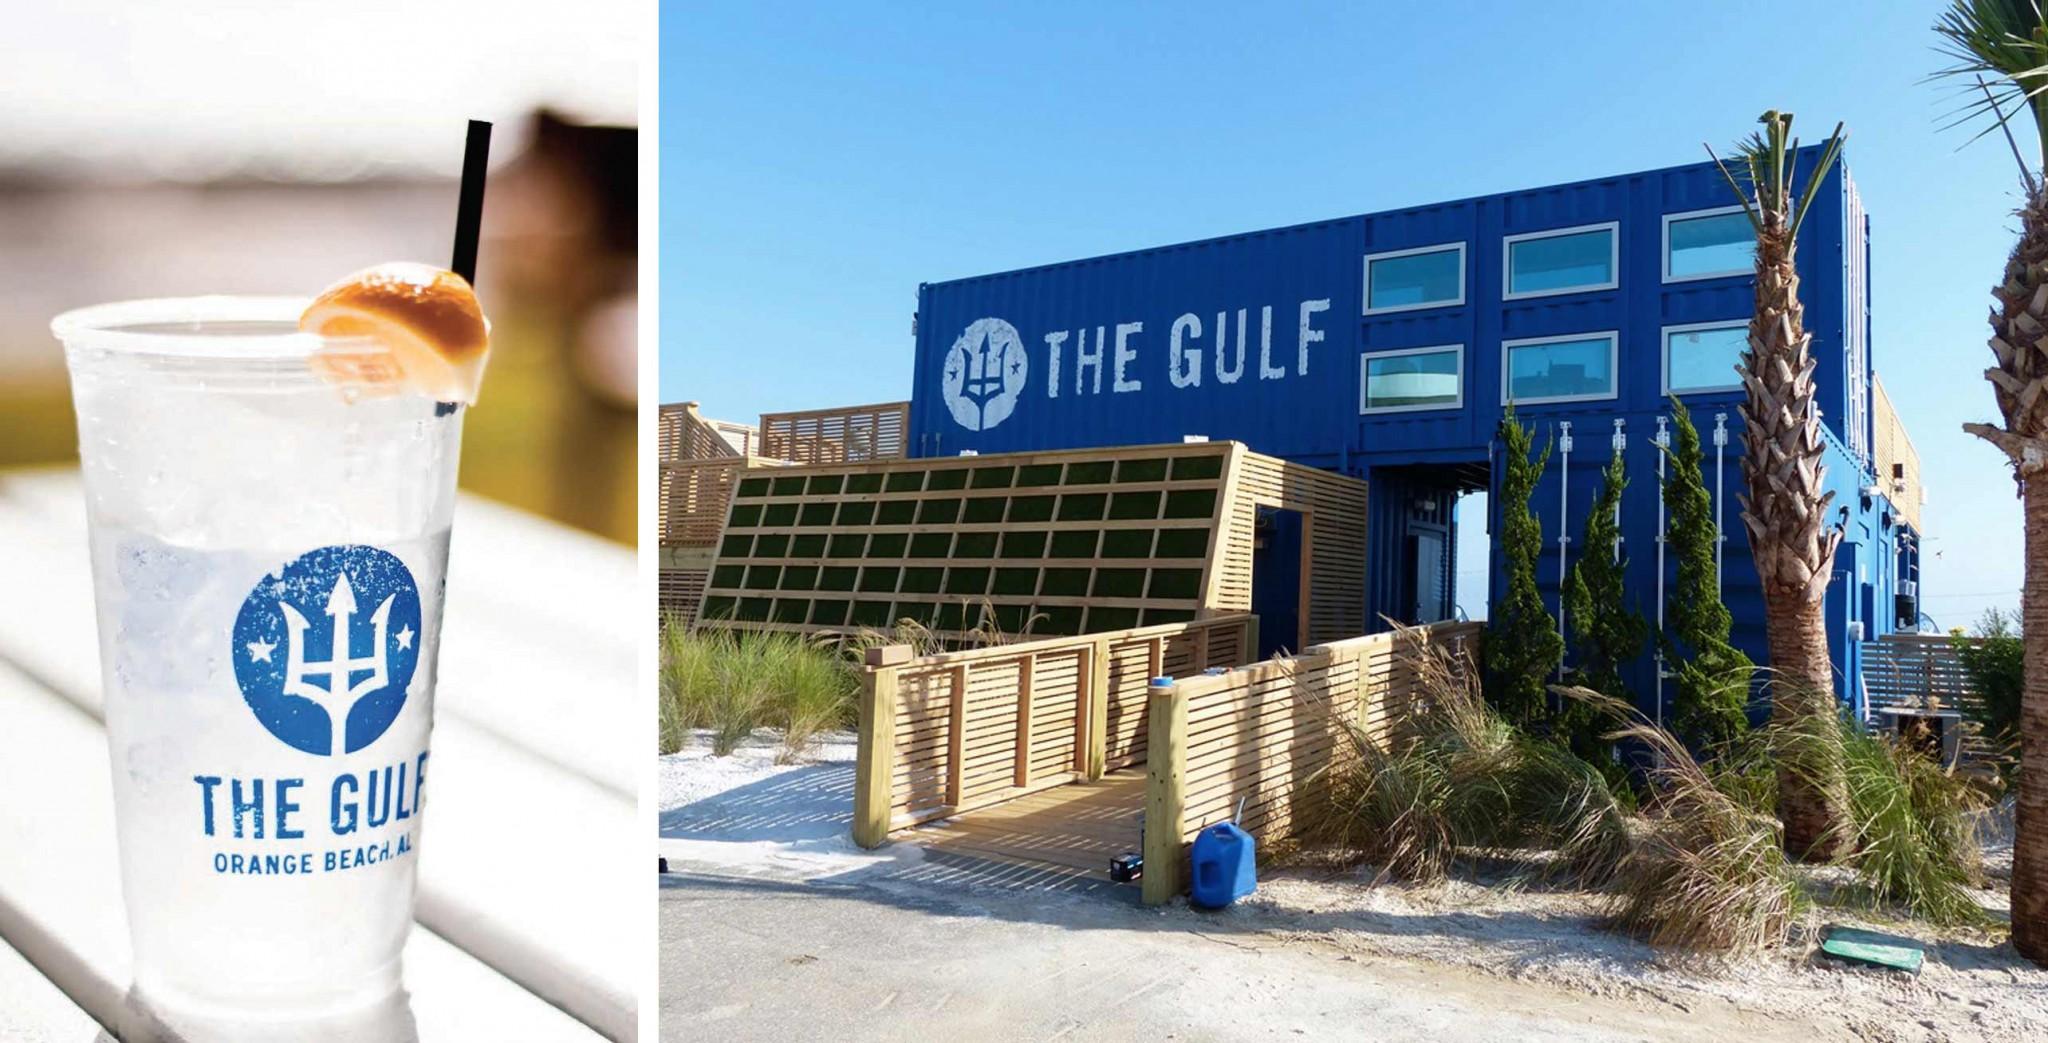 The Gulf restaurant branding by BIG